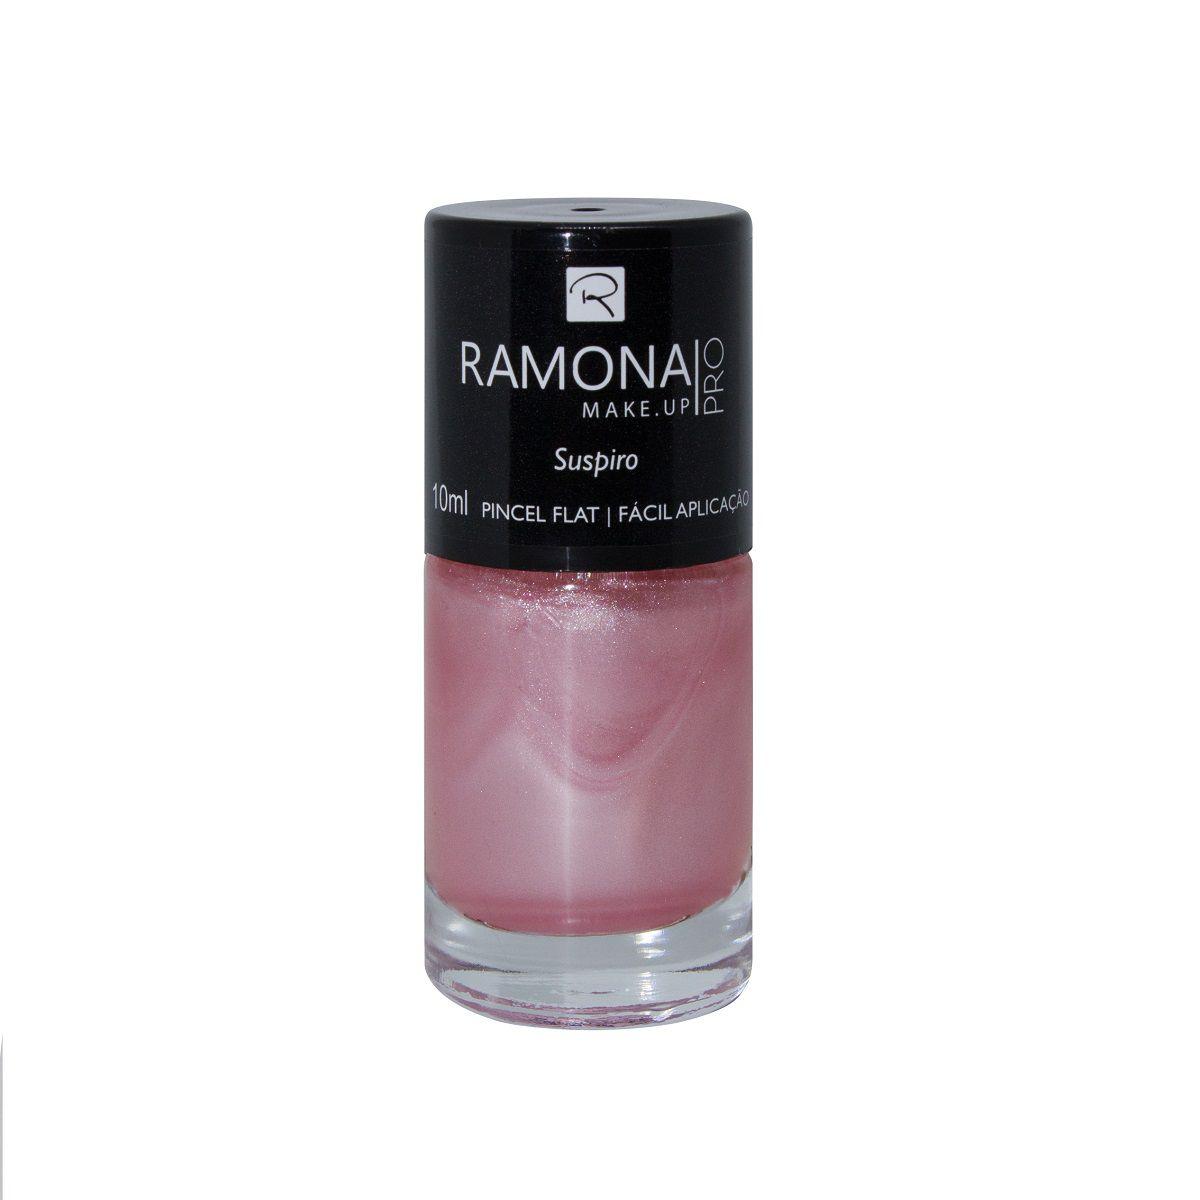 Esmalte cintilante Ramona Cosméticos Suspiro 10ml